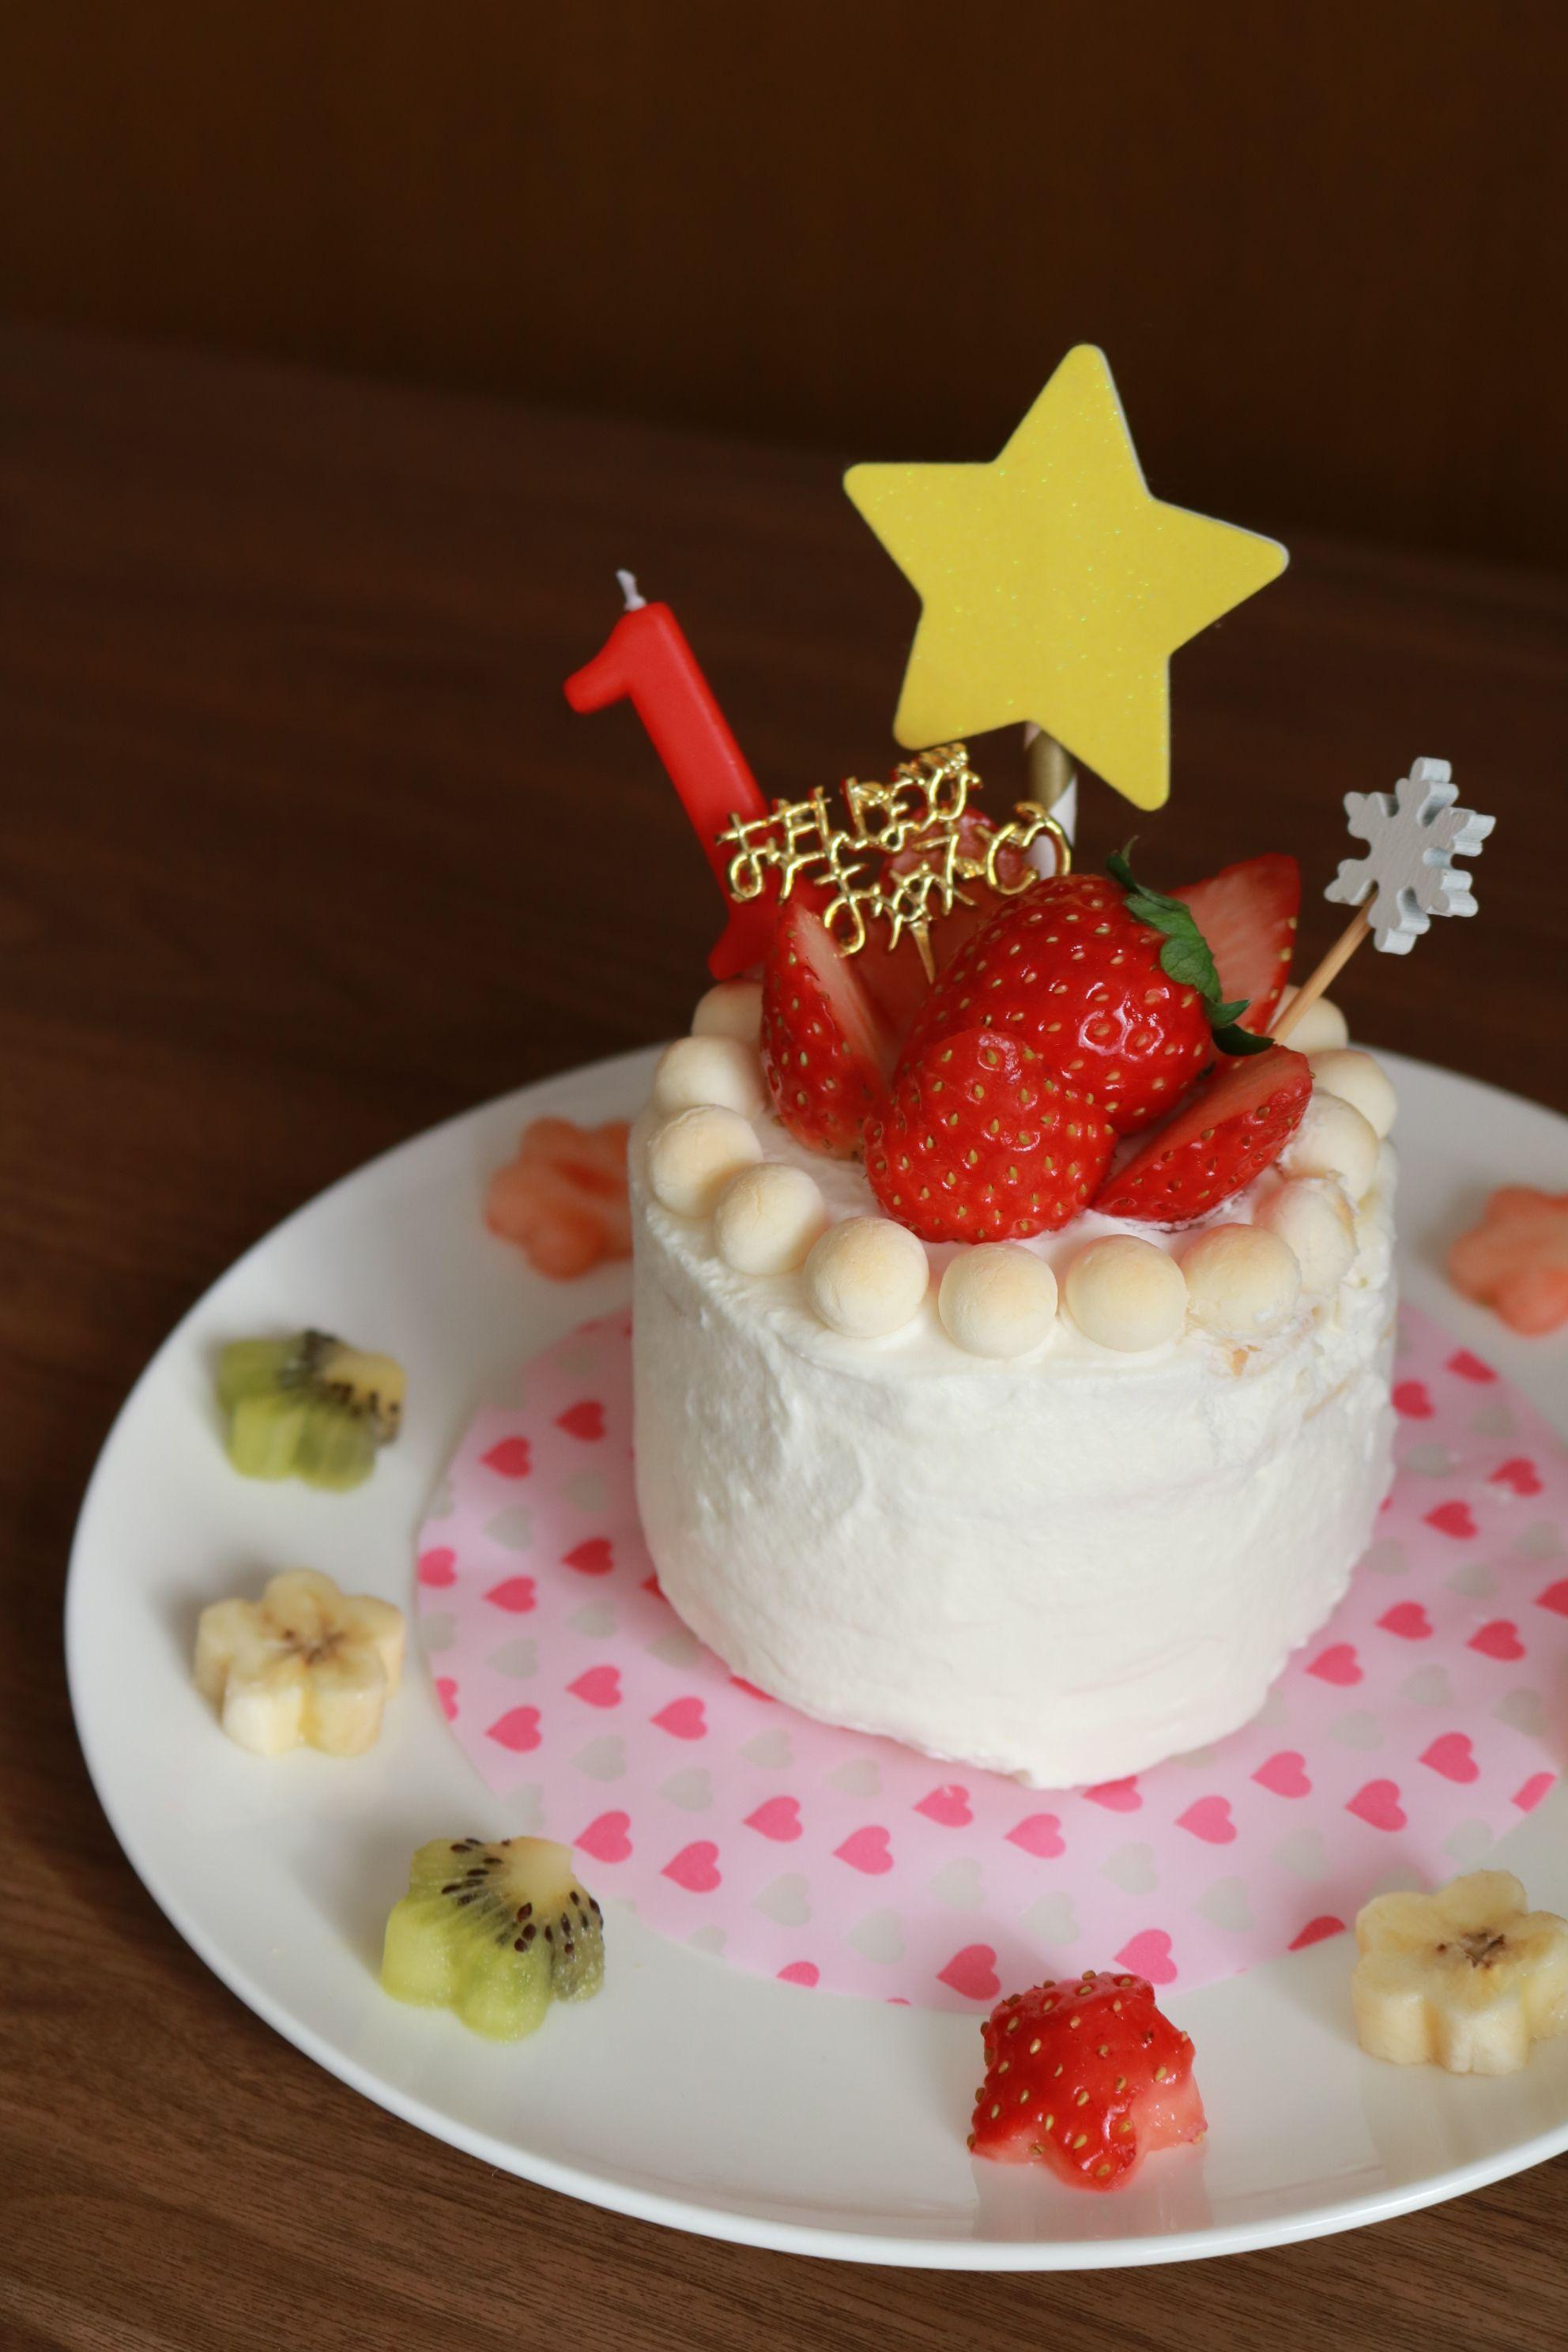 離乳食 1歳のお誕生日ケーキ By とむまろ レシピ 1歳の誕生日ケーキ 赤ちゃん ケーキ ひな祭り ケーキ レシピ